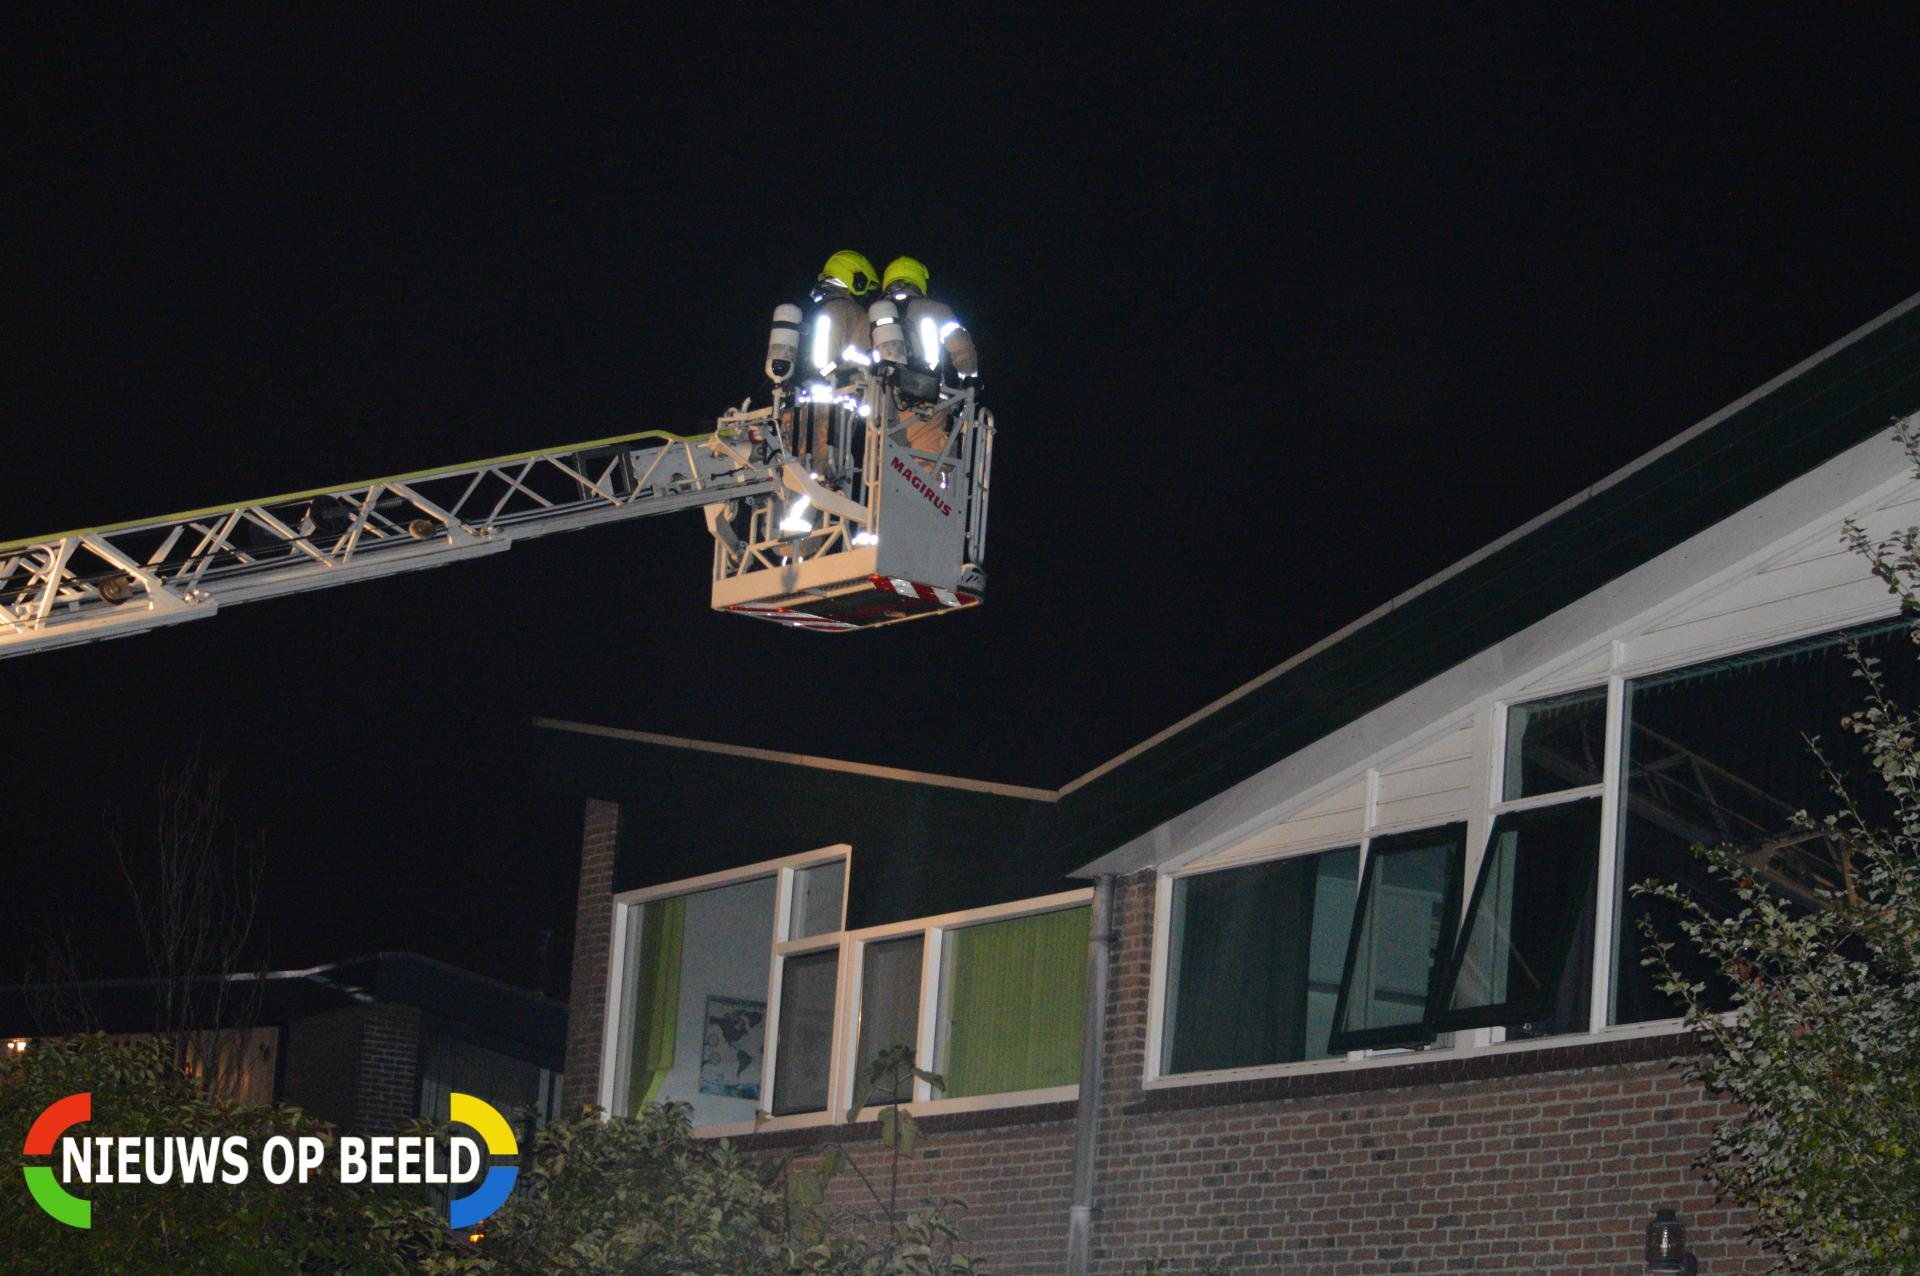 Brandweer stelt onderzoek in na melding schoorsteenbrand Dennenhorst Bergschenhoek